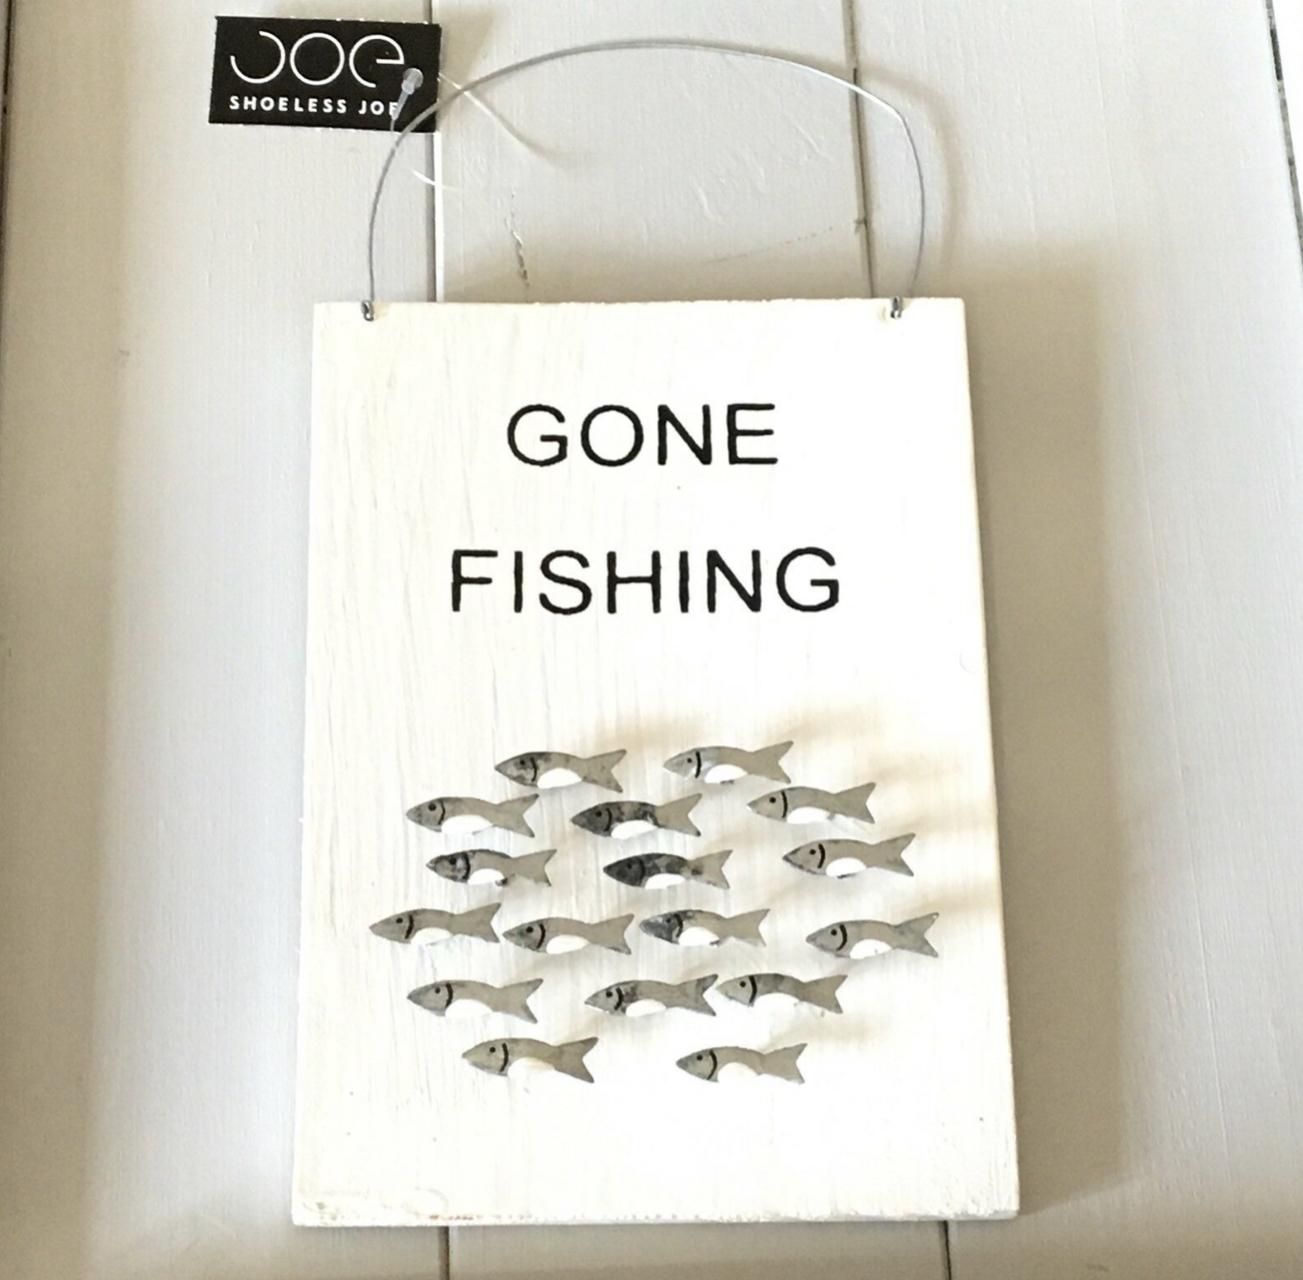 Gone fishing wooden sign by shoeless joe